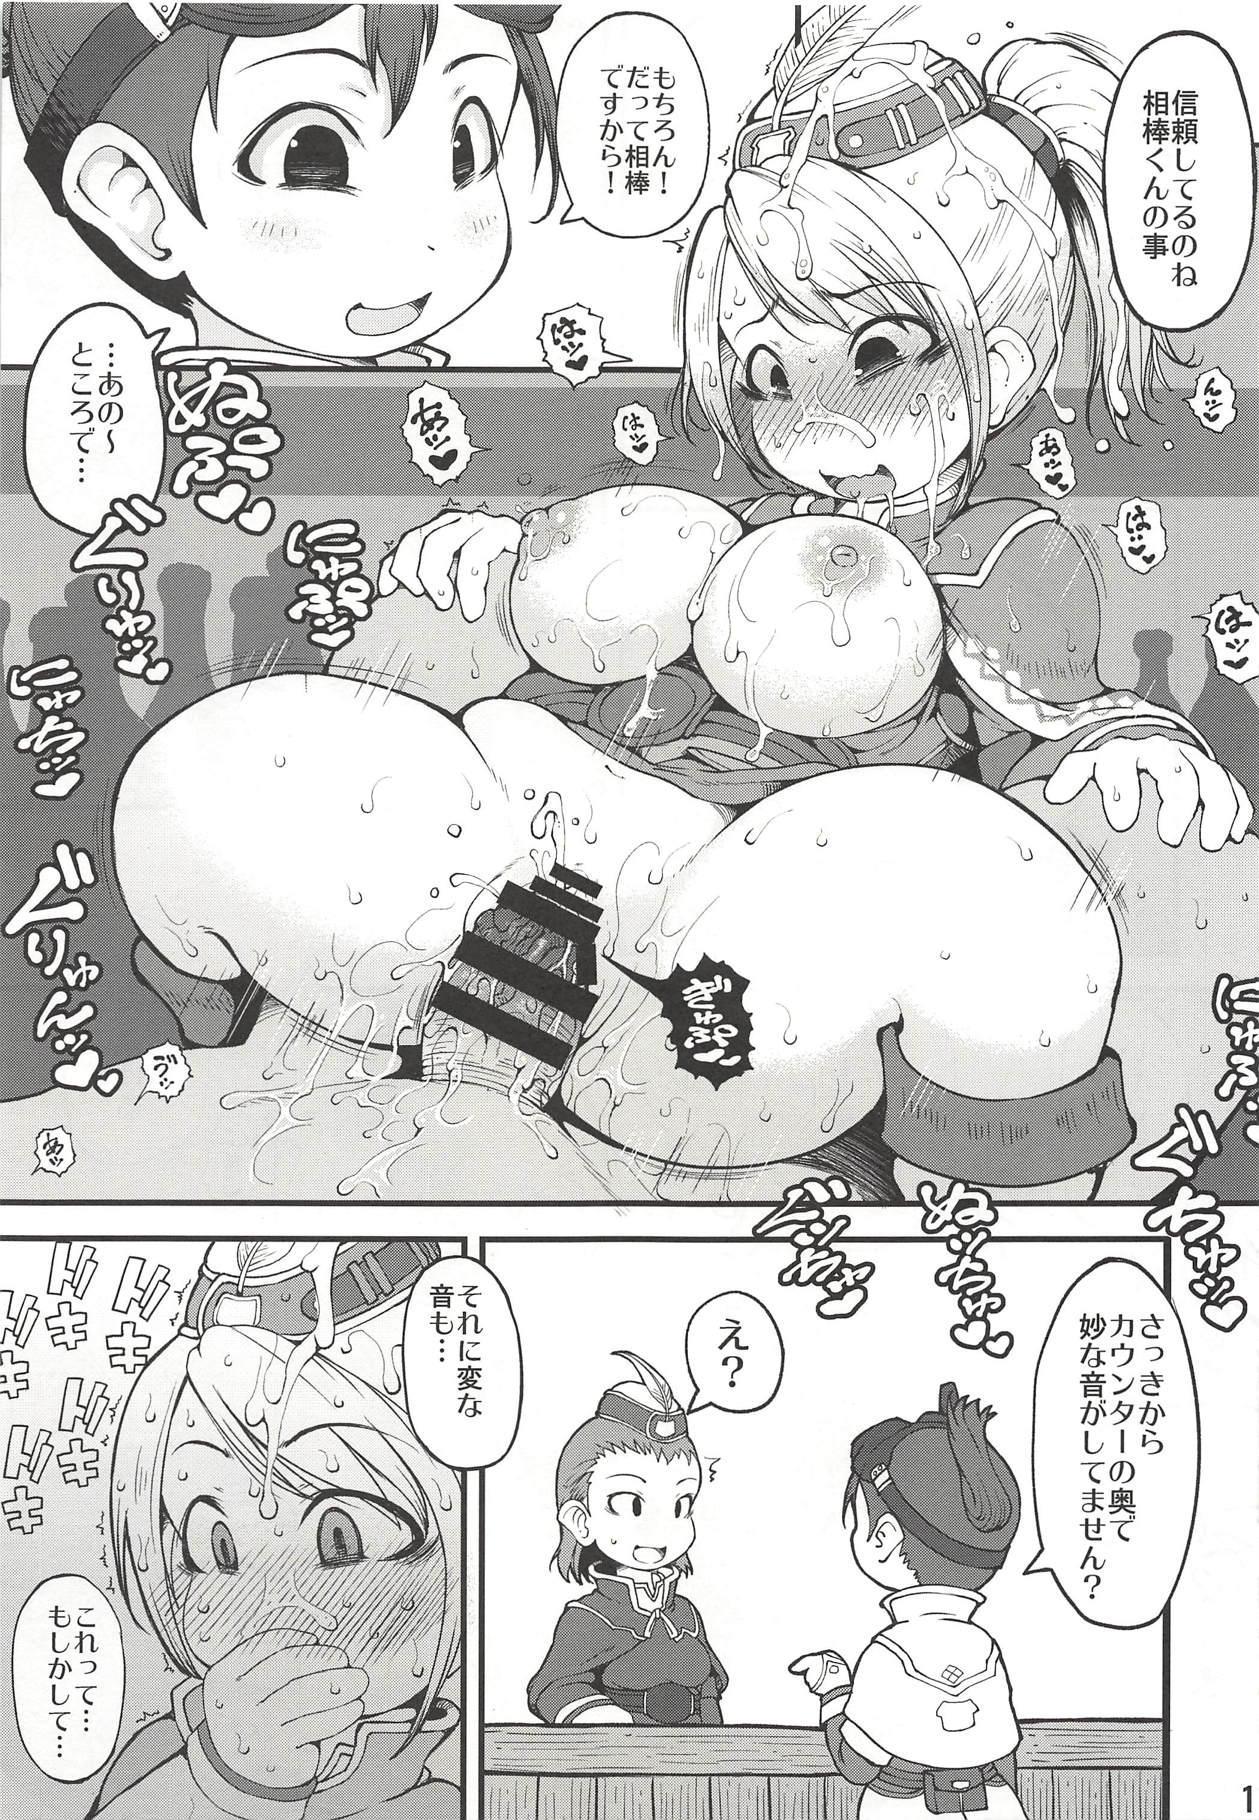 Katsuyoku no Uketsukejou 9